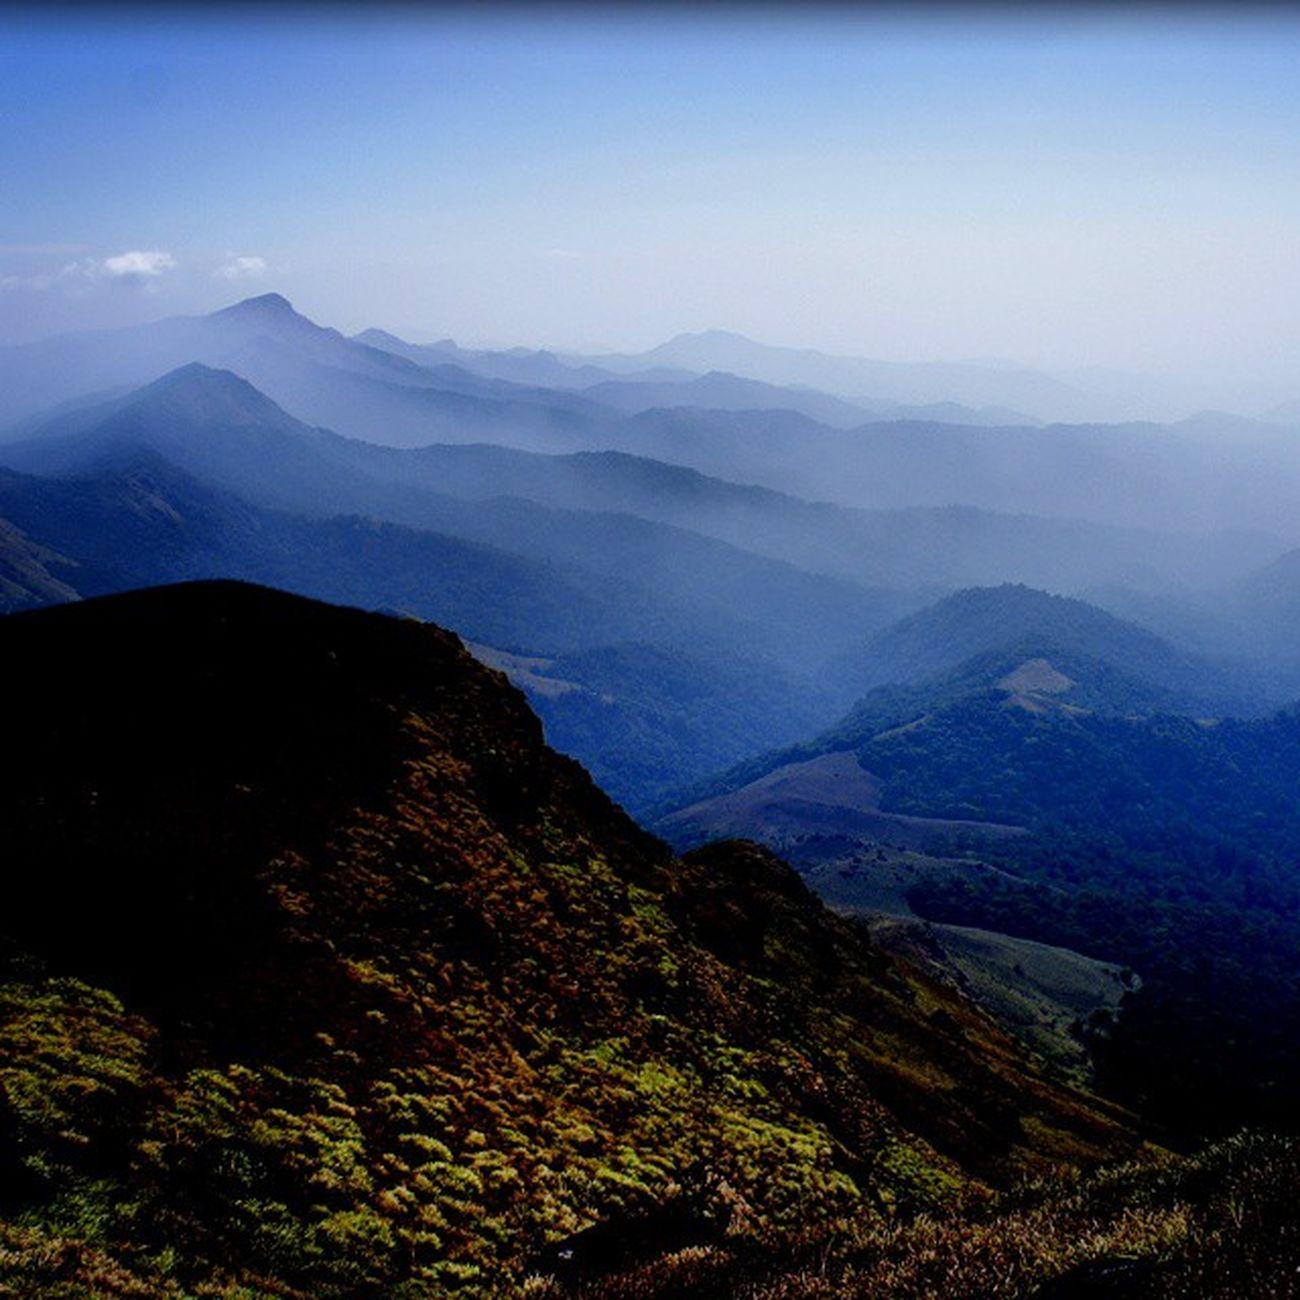 Tandiandamol Trekking Mountains Clouds Awesome Amazing Scenery Landscape Coorg Karnataka InstaBangalore InstaIndia